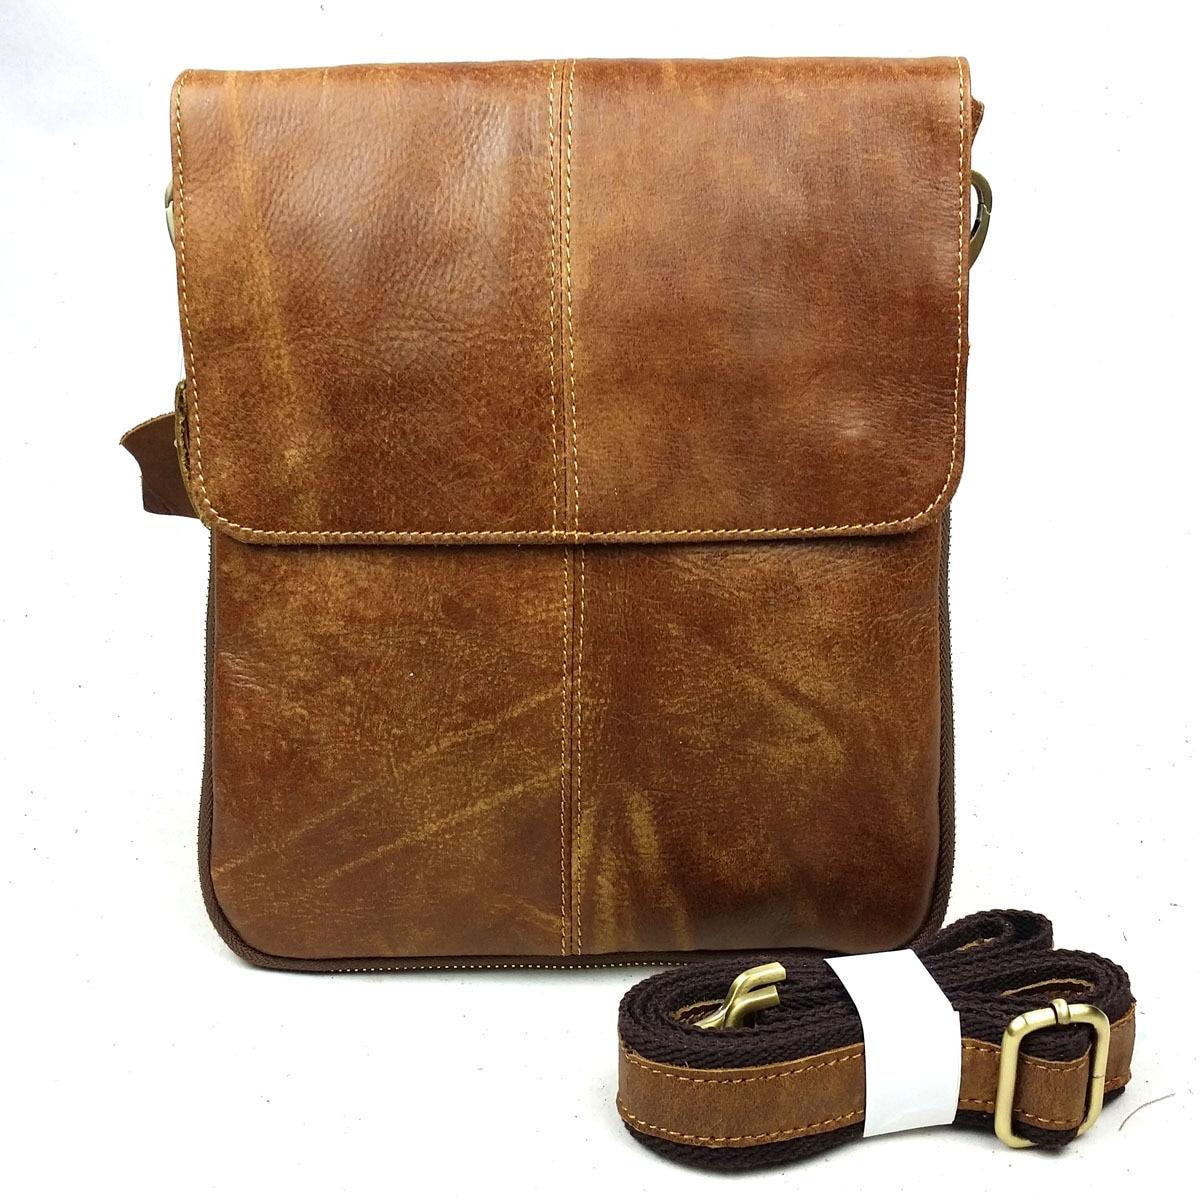 Première Couche de Peau De Vache 100% Véritable Sac En Cuir Pour Hommes Vintage Style Hommes D'affaires de Messenge Sac Tablet PC sac à main YS1313